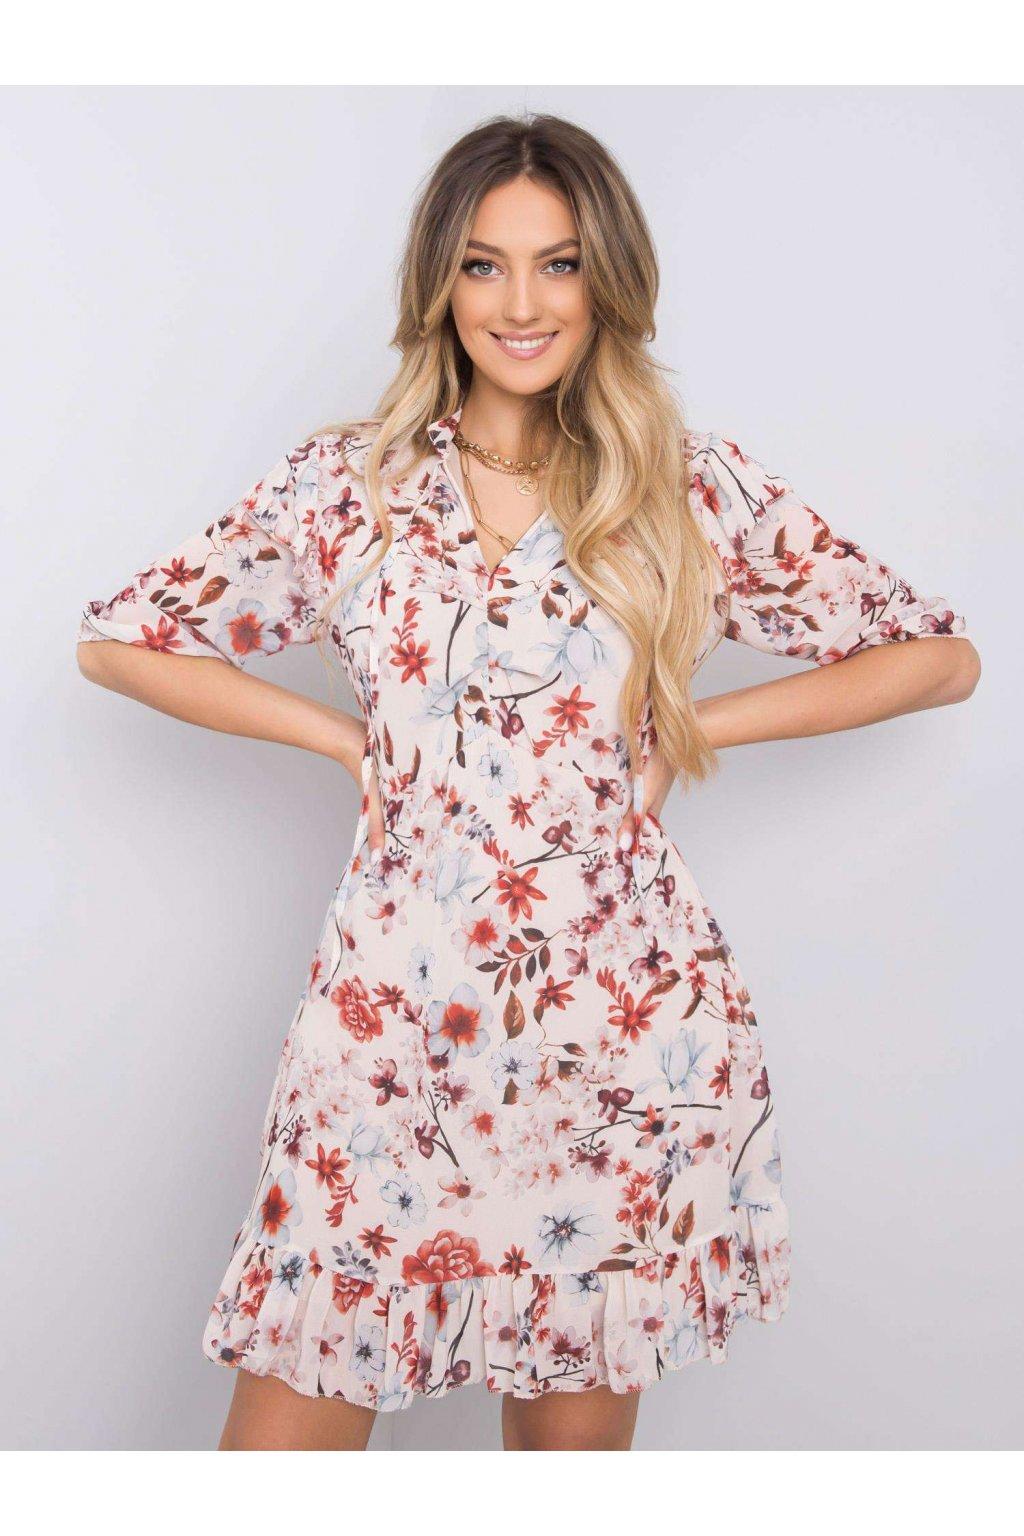 pol pl Bezowa sukienka w kwiaty Verity 364090 5